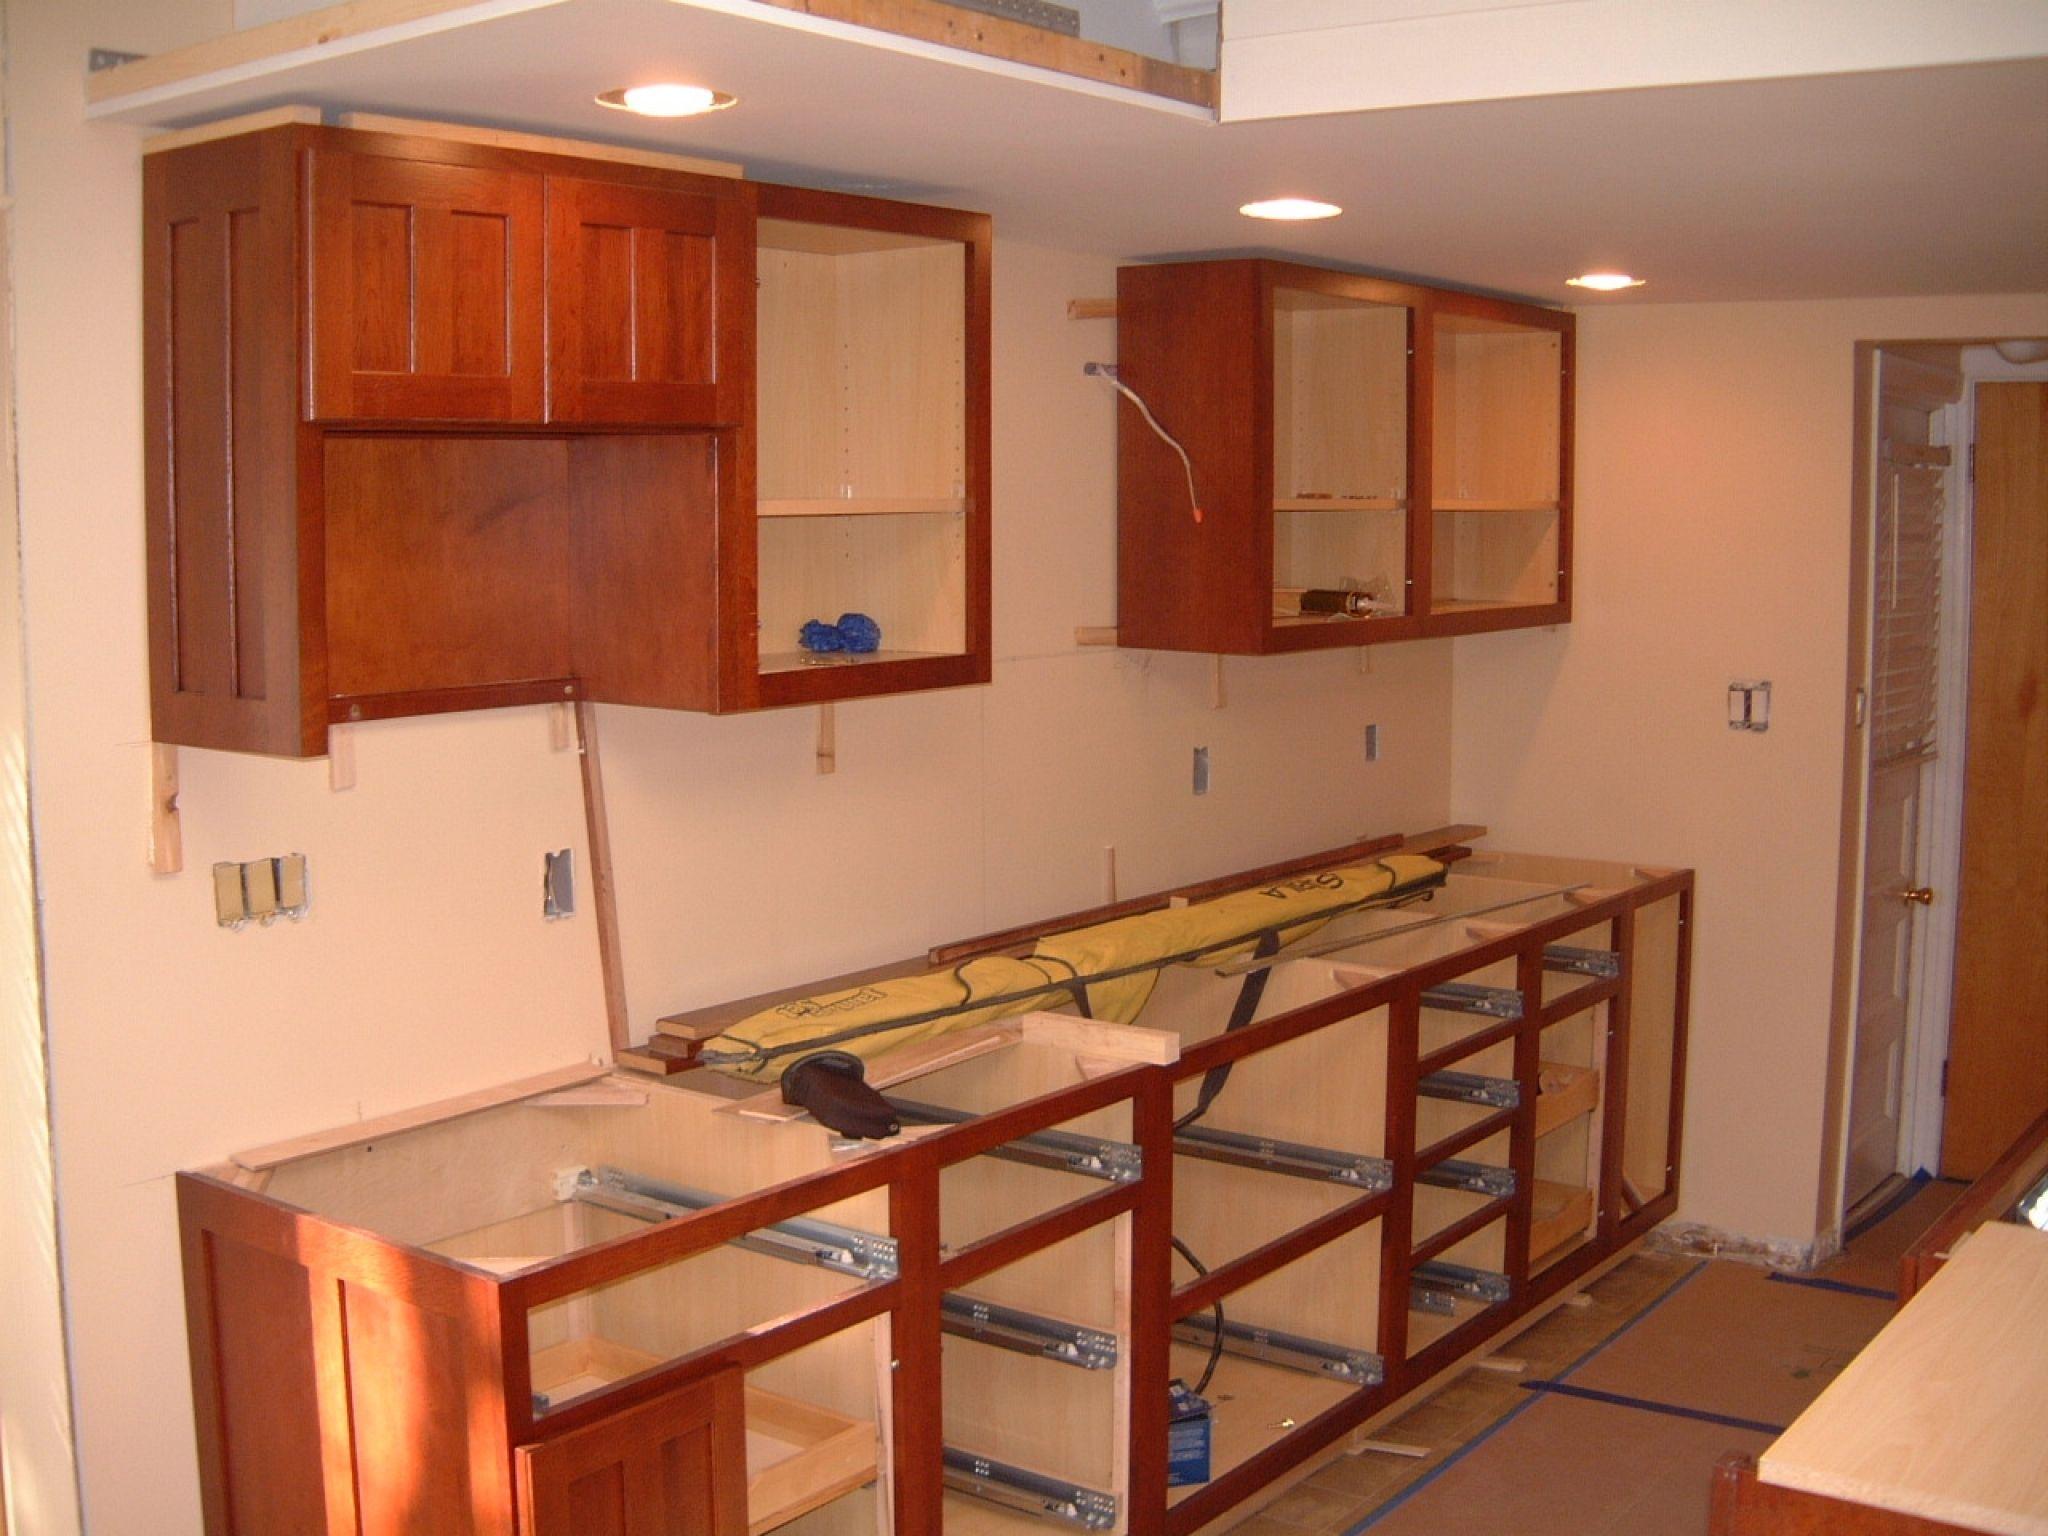 installation kitchen cabinets - kitchen cabinet inserts ideas